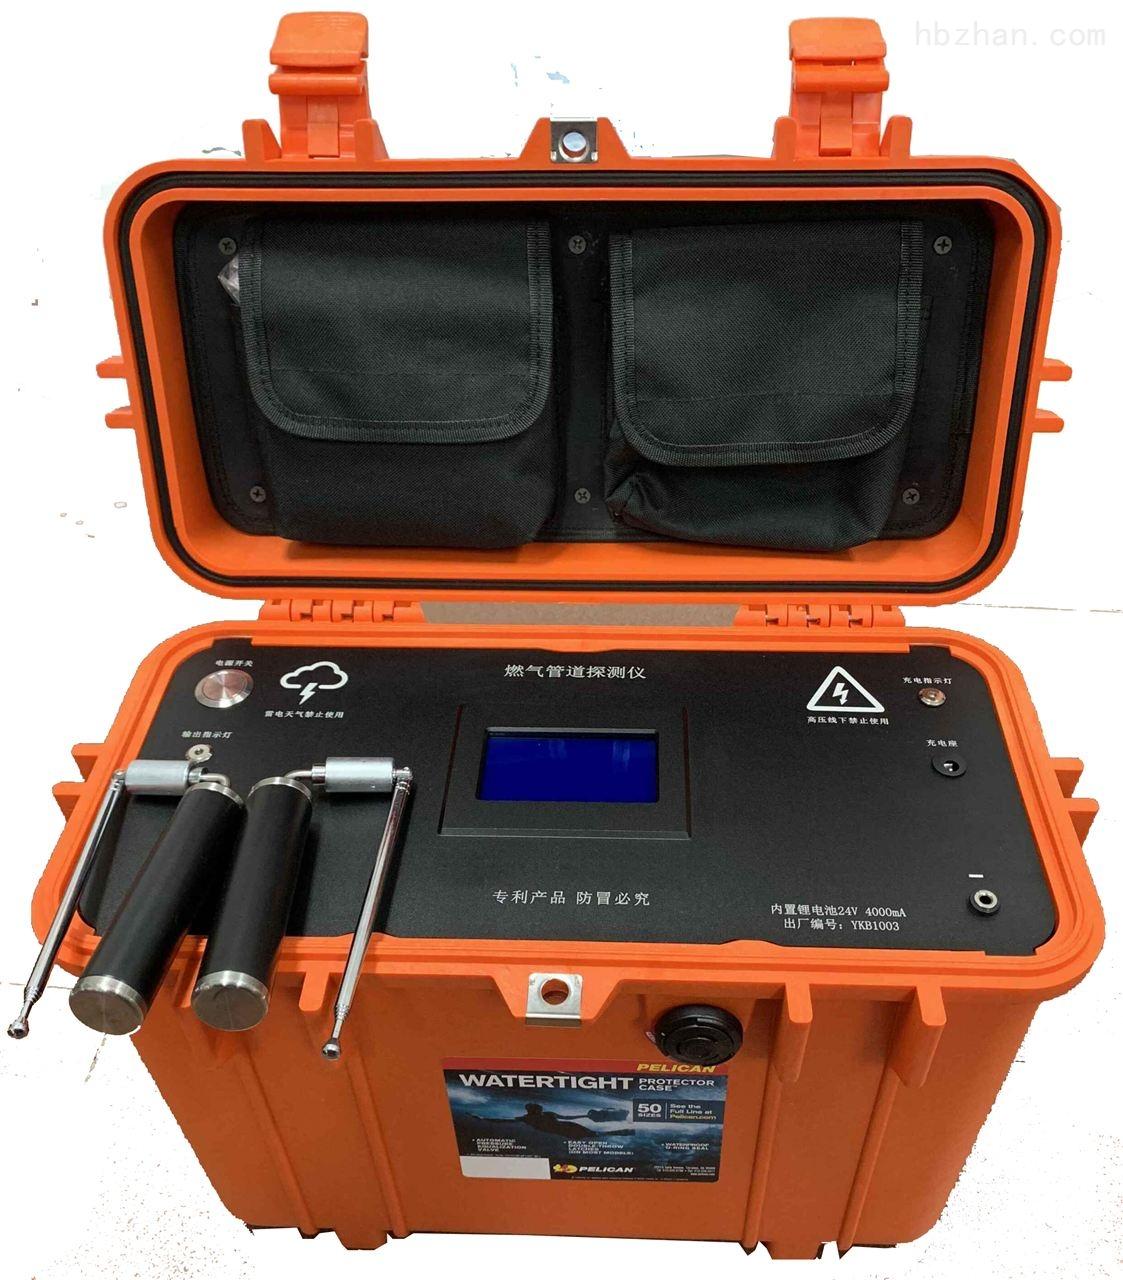 埋地燃气管网探测设备B1